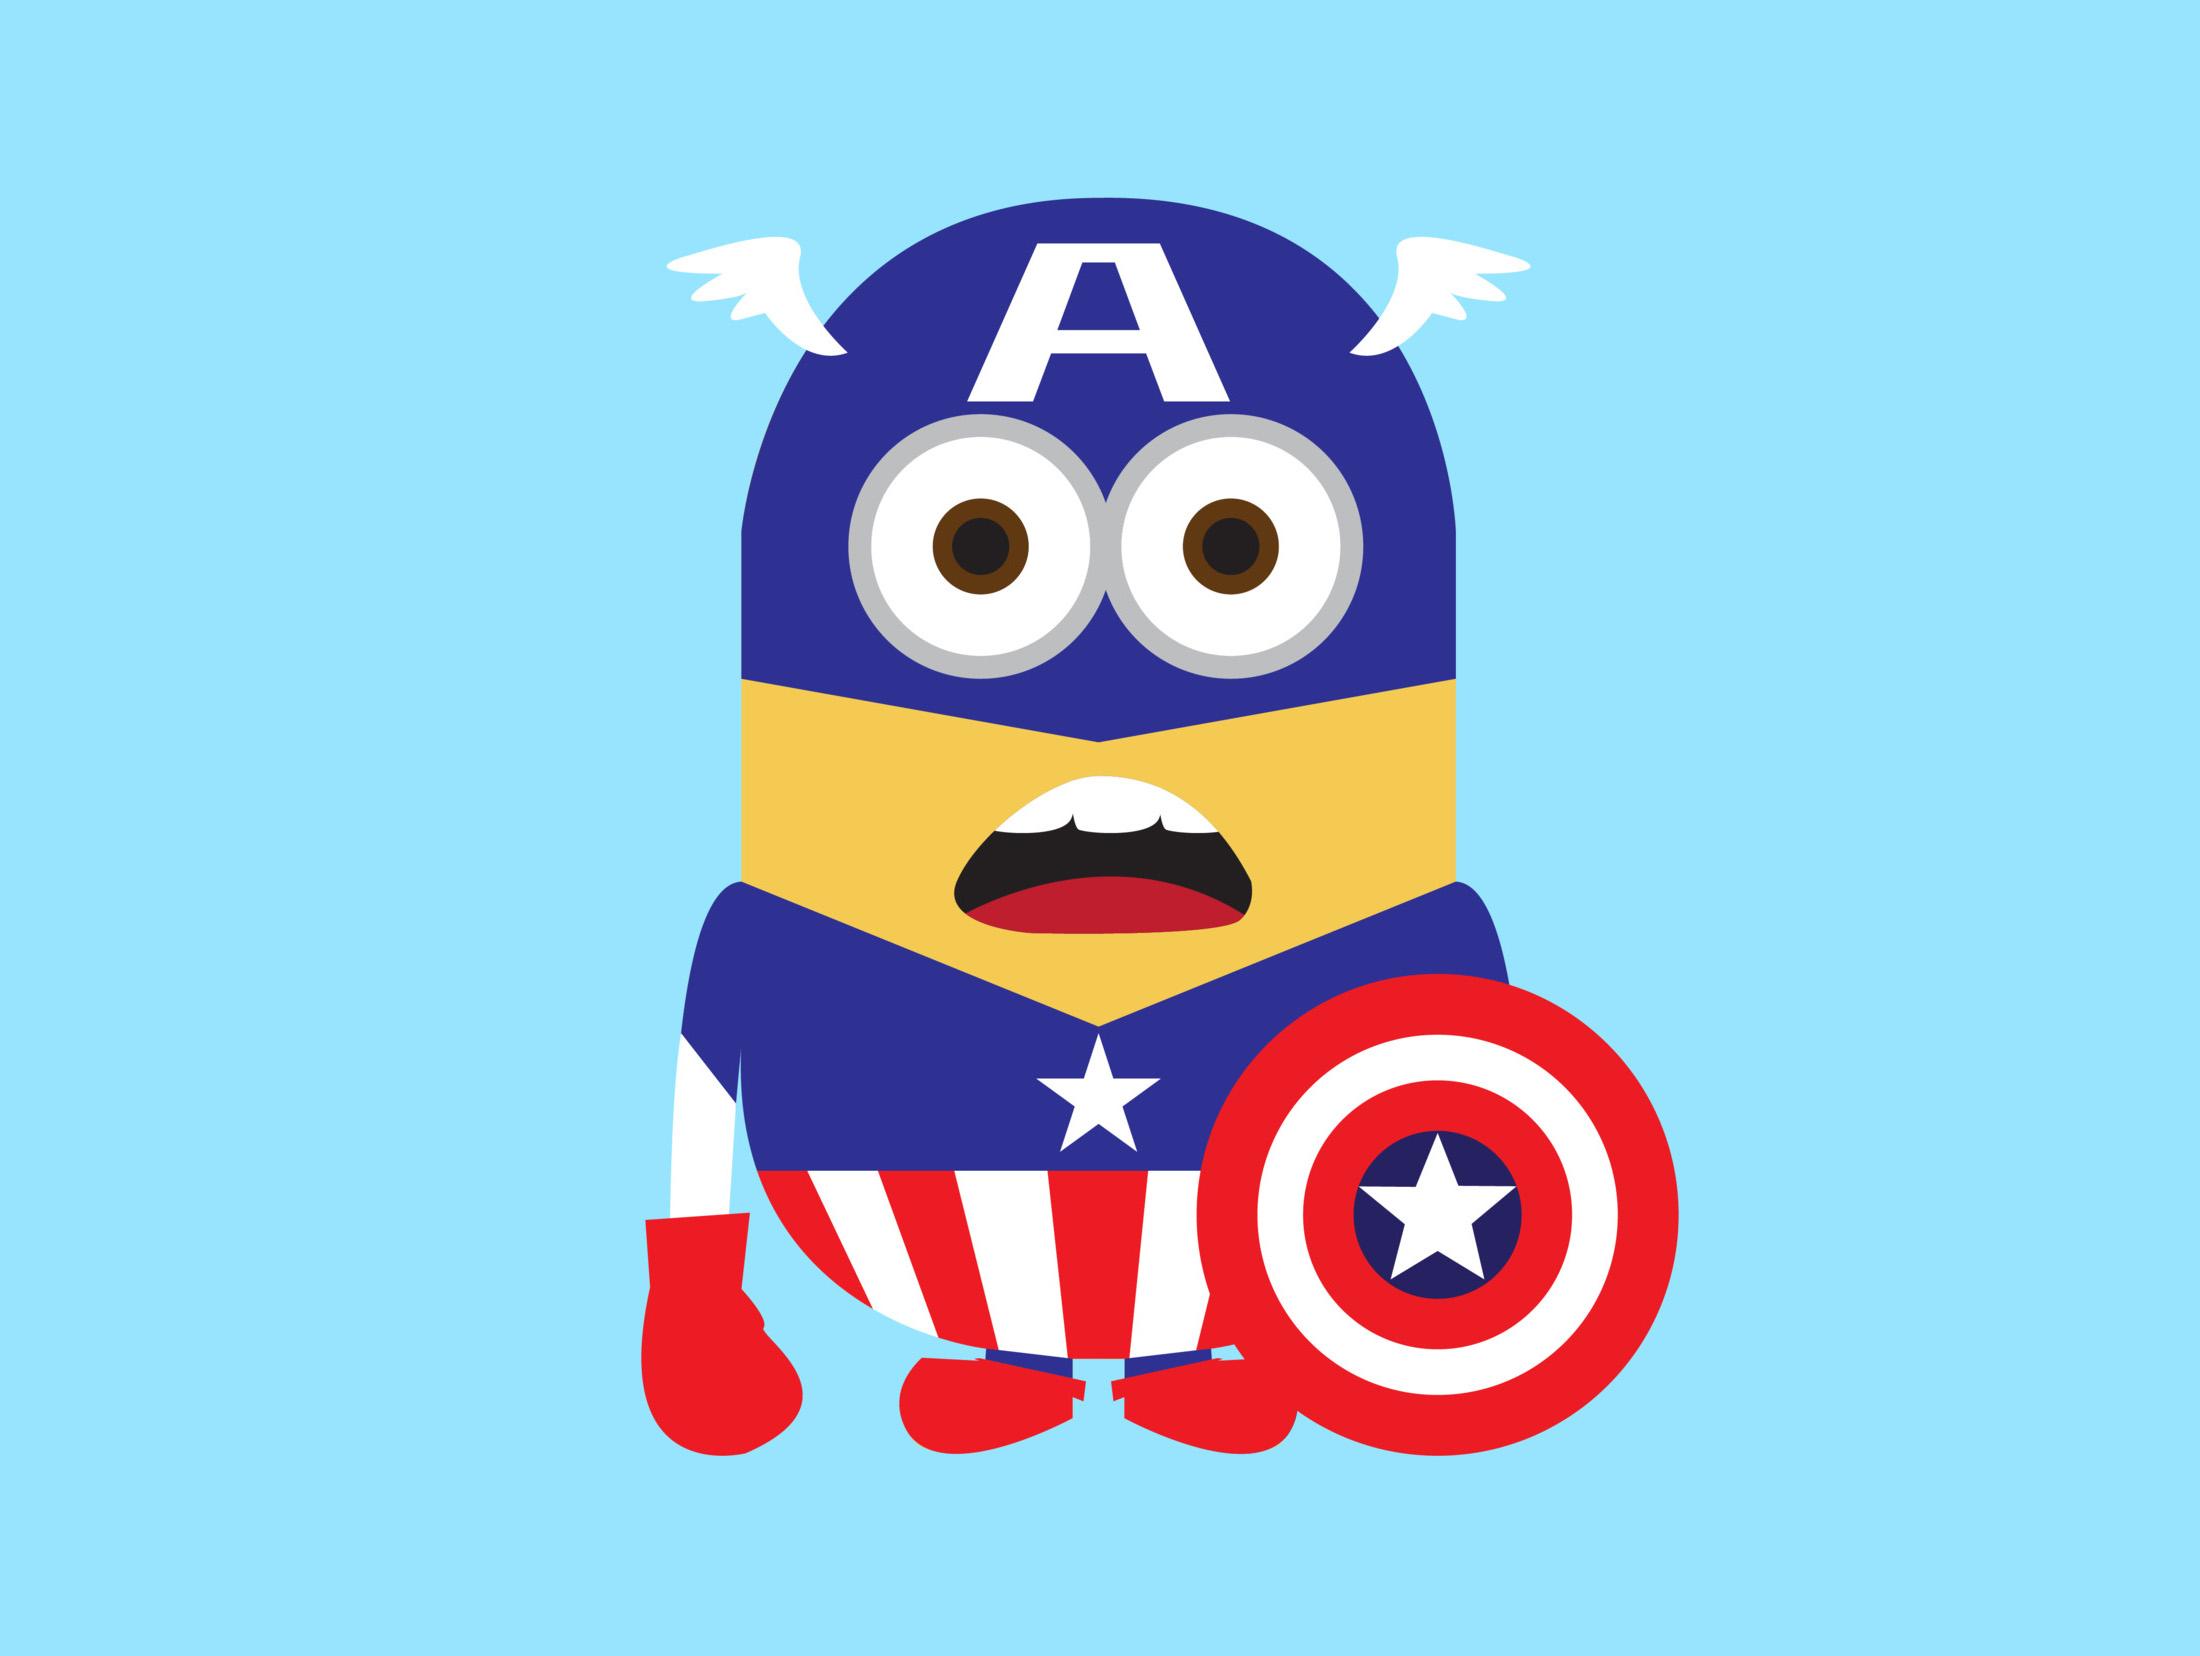 Spiderman clipart minion Minion Captain Wallpicshd America HD